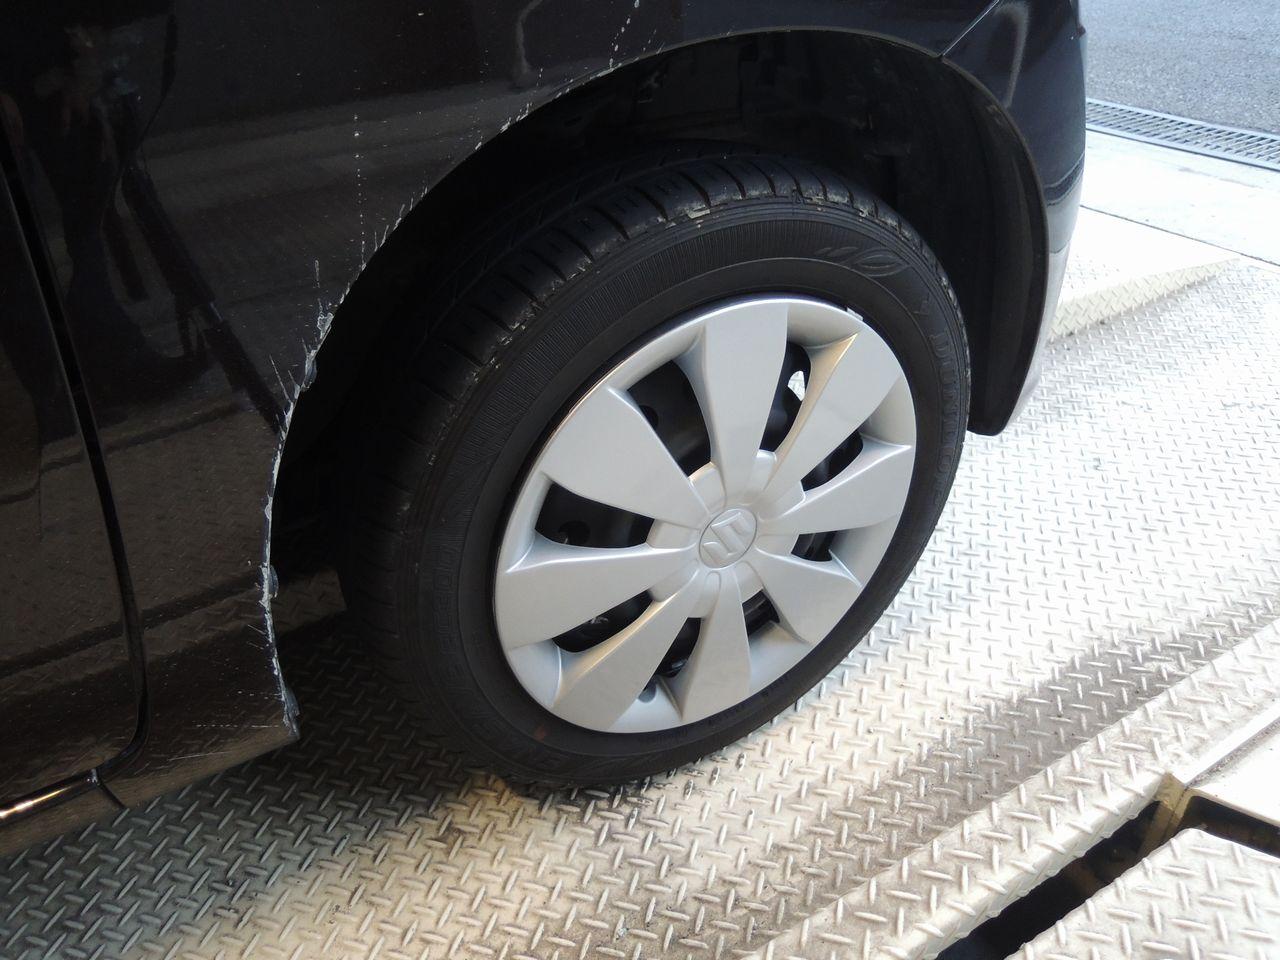 中古車買取は一括査定だと損するかも!本当に重要な車買い替えのコツは◯◯だ!のイメージ